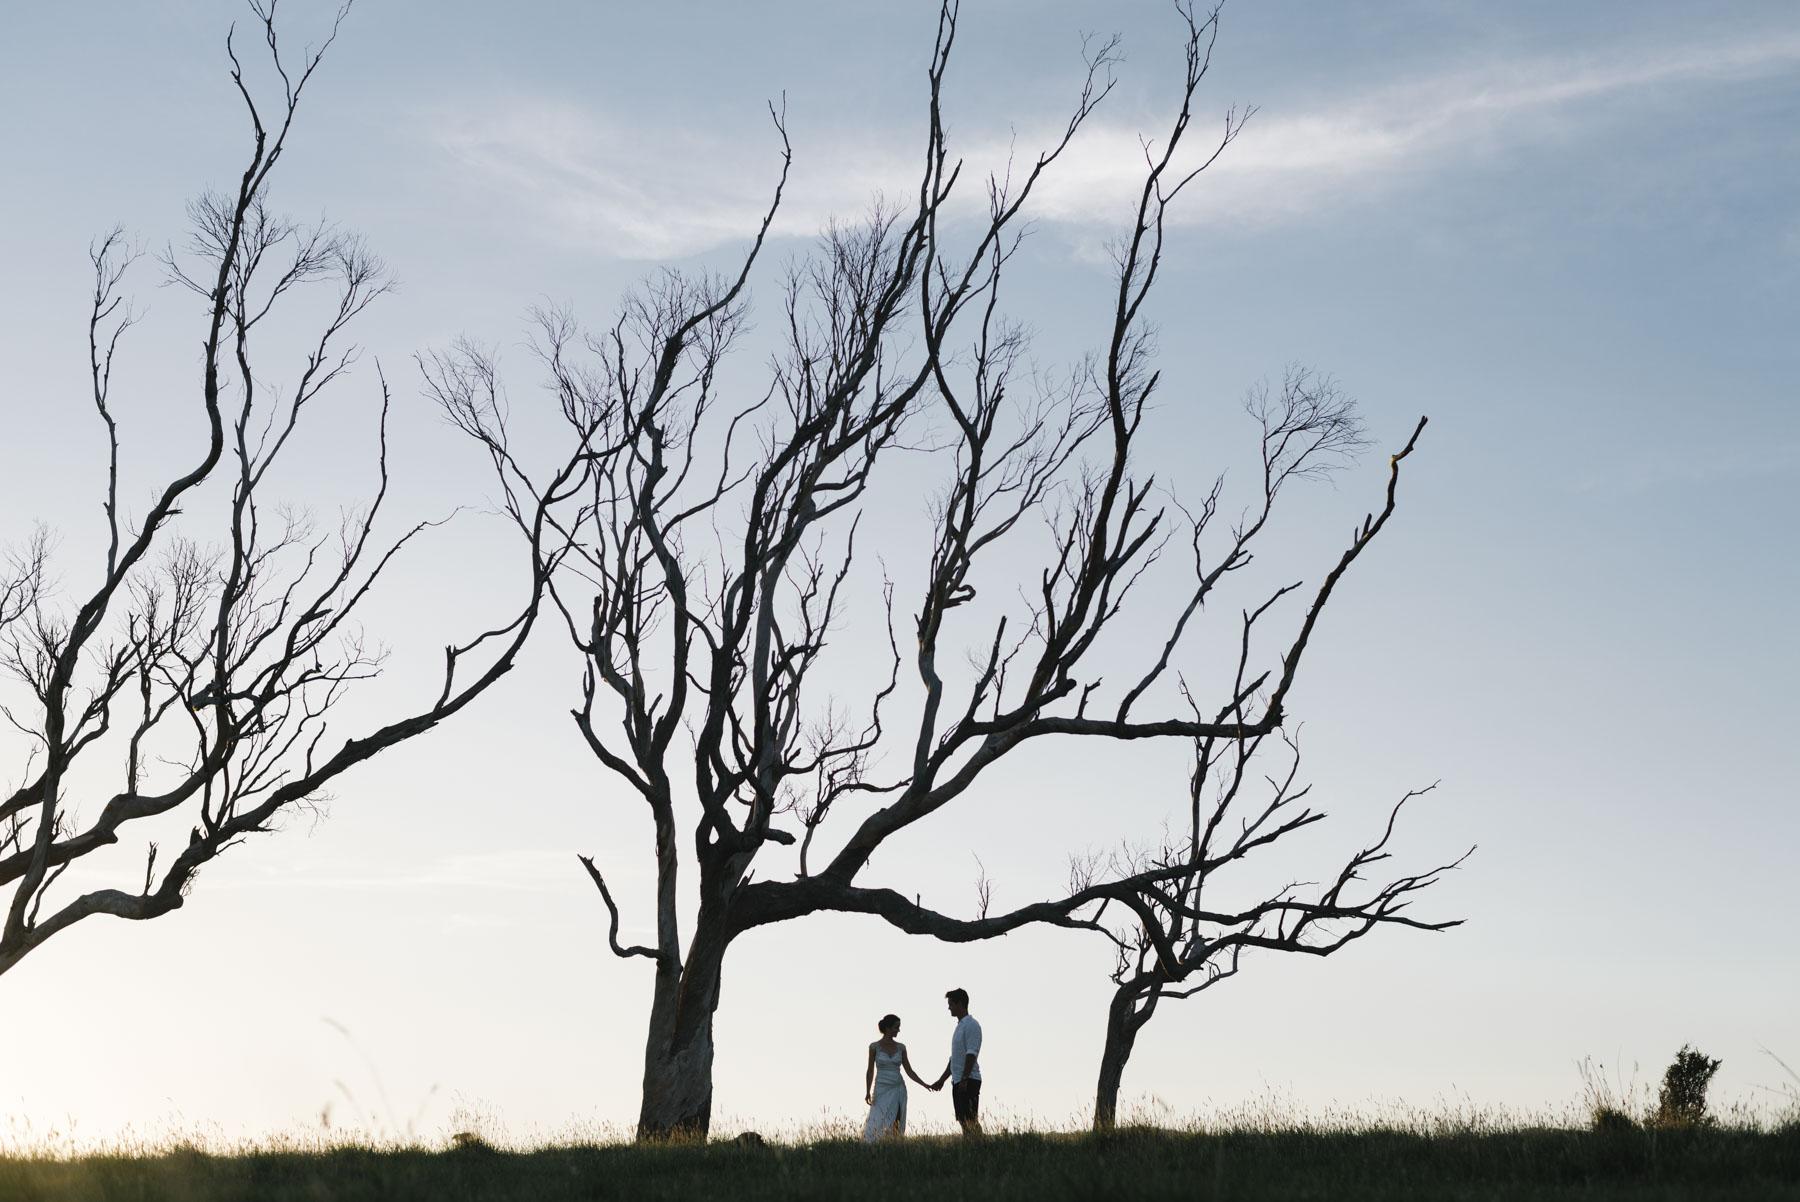 1501curchill-440alan_moyle_wedding_portrait_brighton_bayside_bay_of_fires_rustic_styled_rustic_beach_candid_documentry_binalongbay_tasmania_destination.jpg